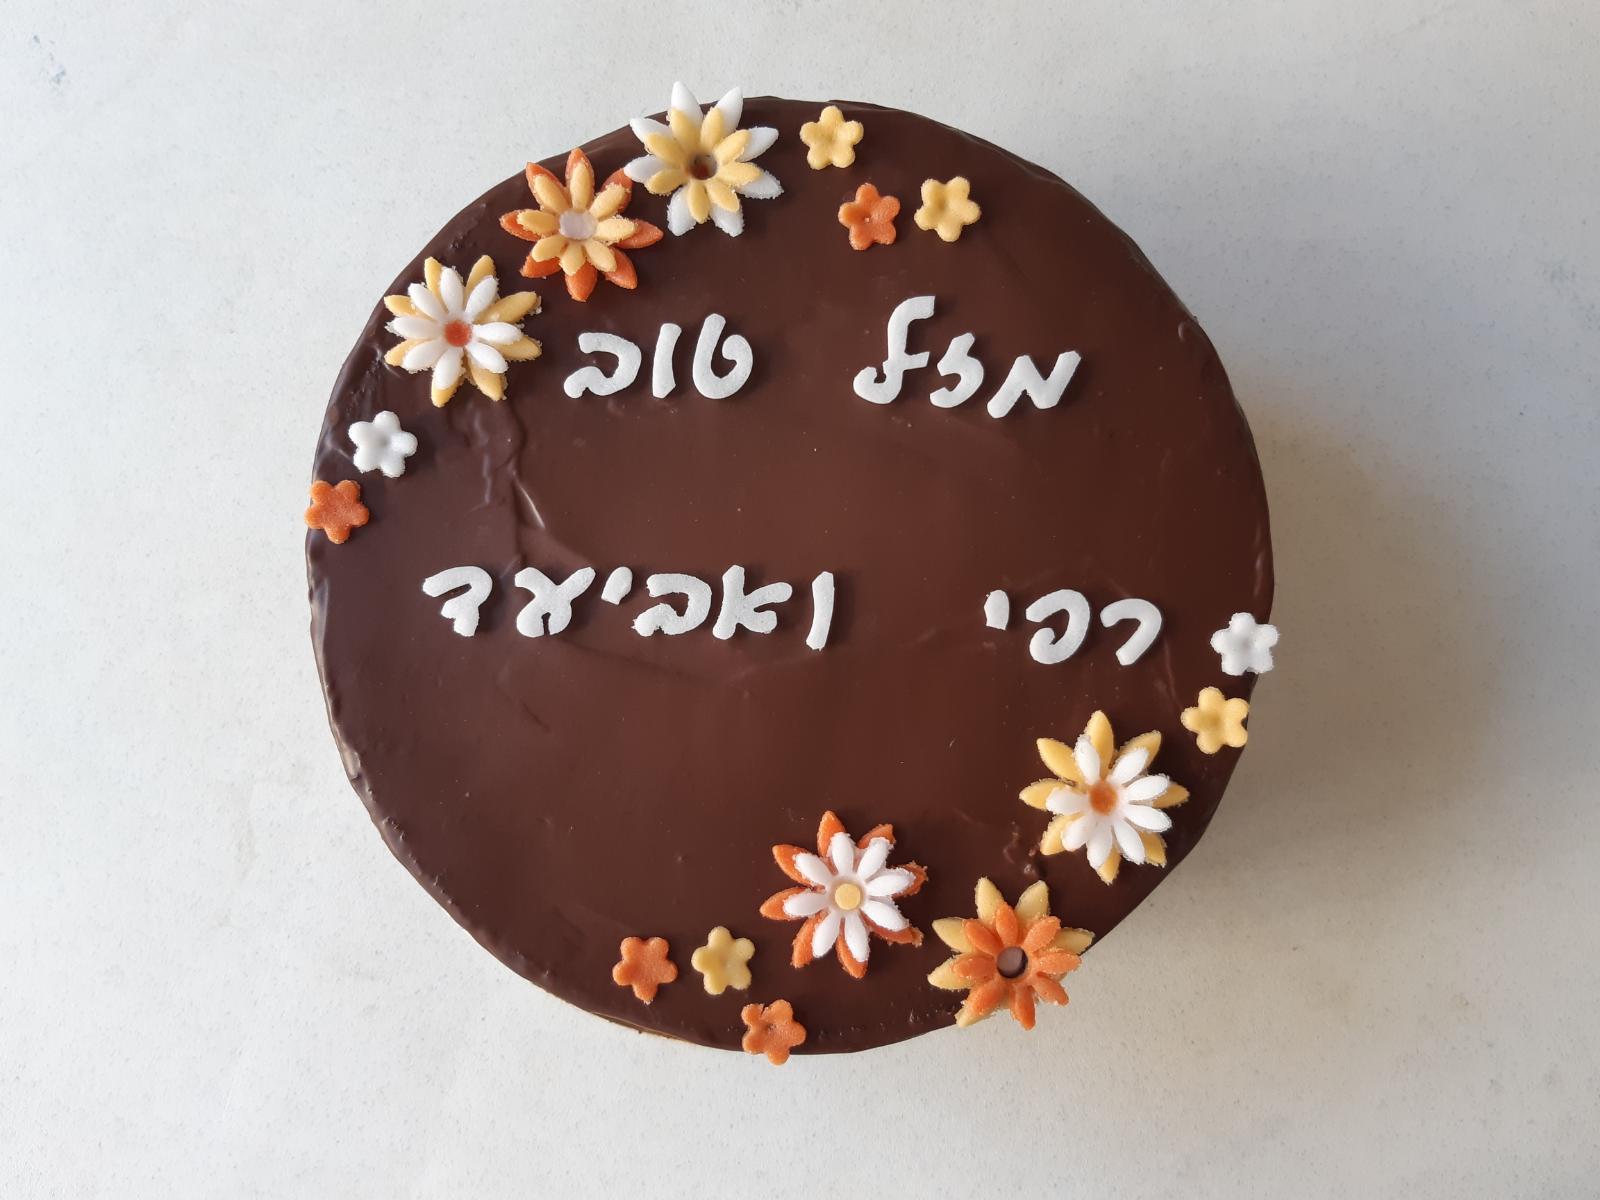 עוגת מסיבה בעיצוב בסיסי